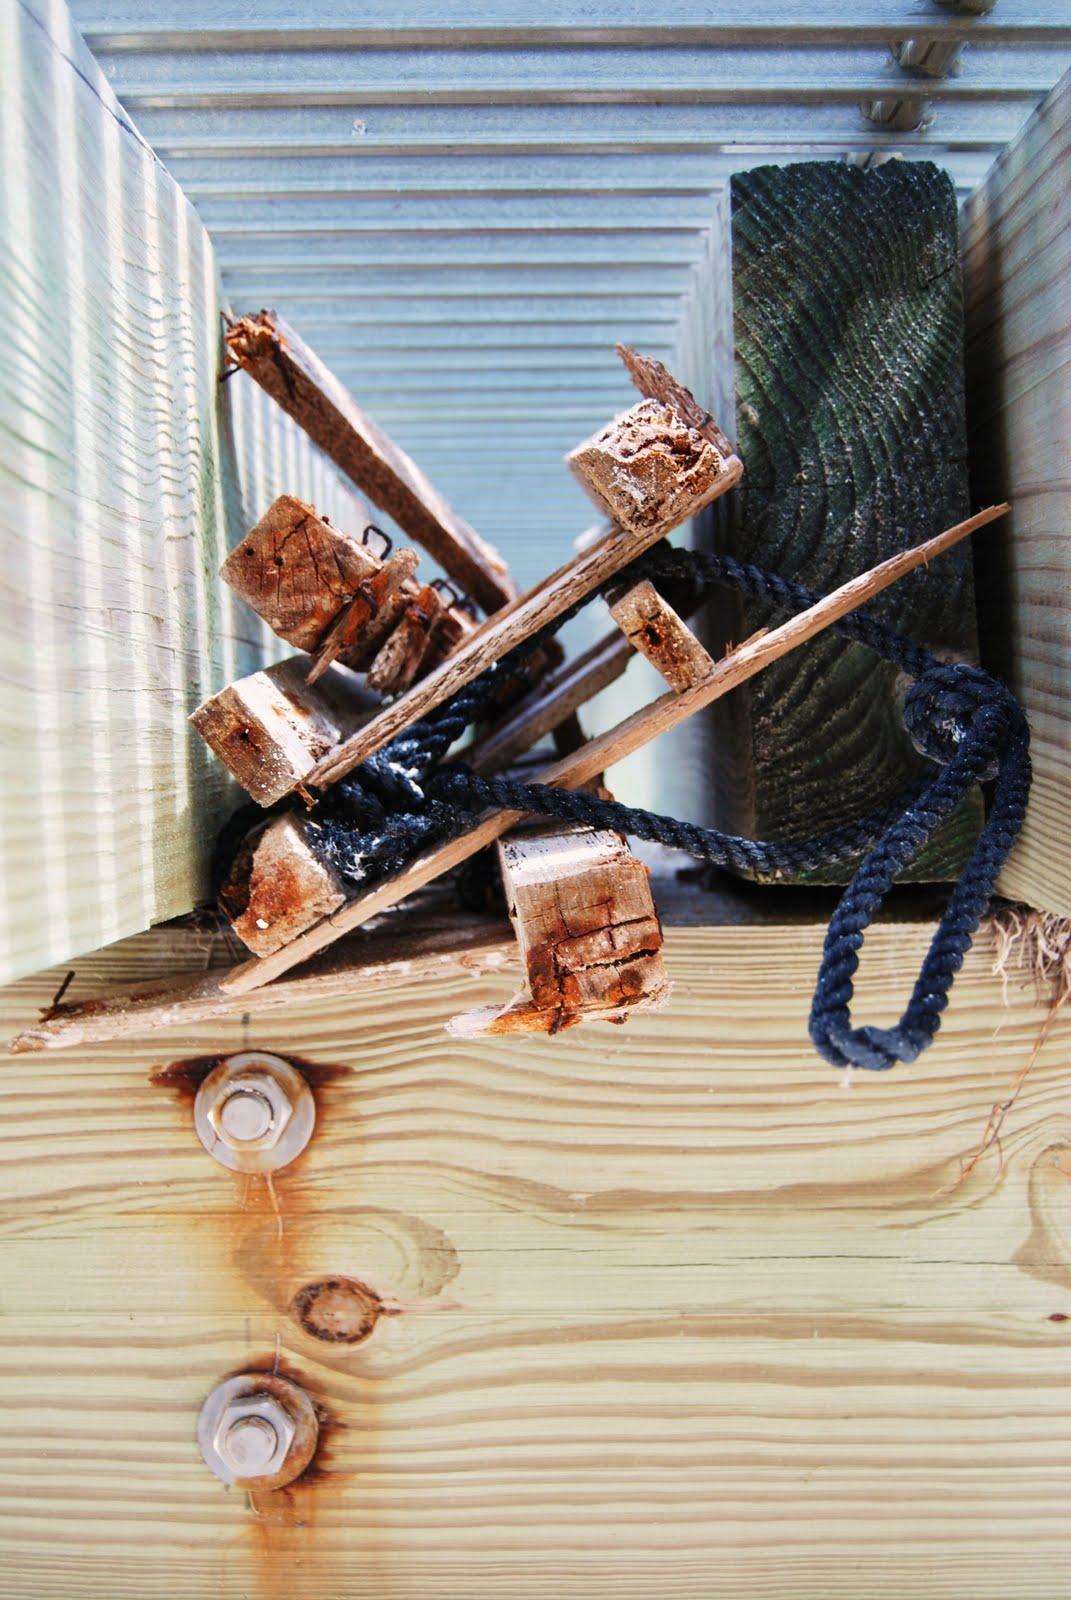 http://1.bp.blogspot.com/_VkR4jqc5-rU/S7G5lDeRVlI/AAAAAAAAAO0/ns7EjNXoFvY/s1600/148.JPG